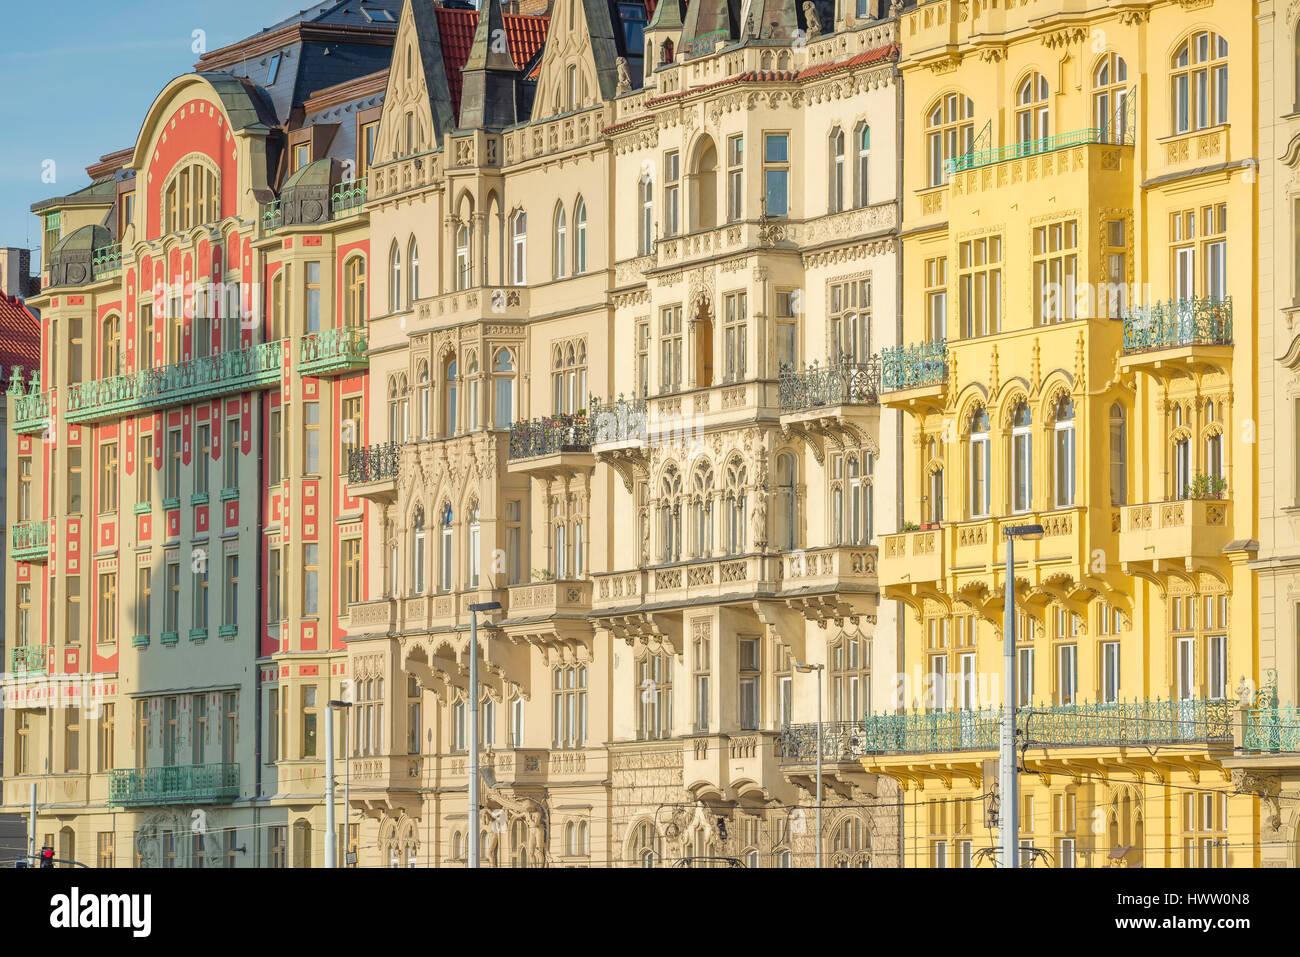 Prague art nouveau architecture, pastel coloured art nouveau